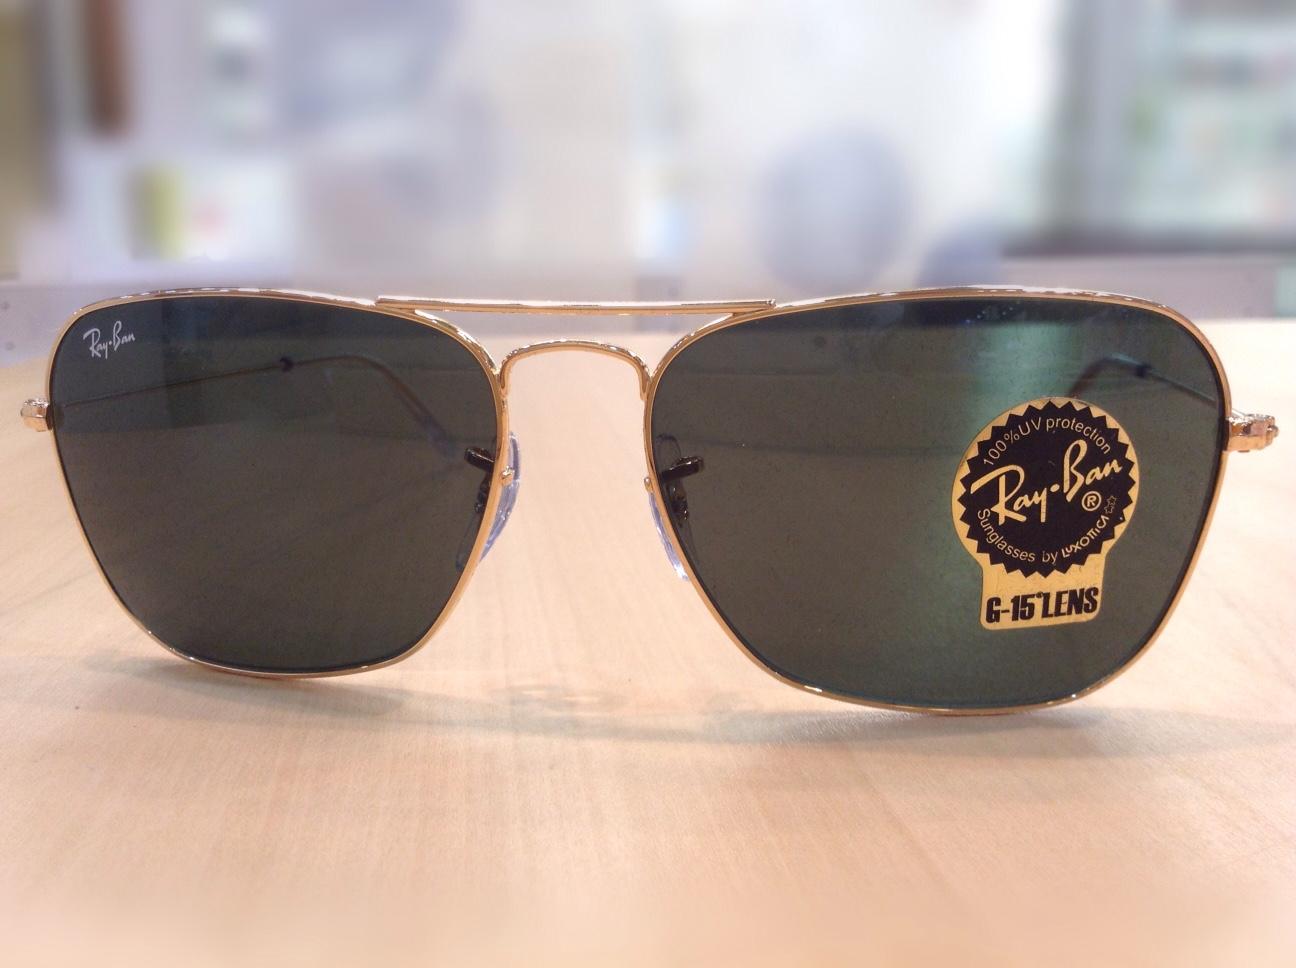 レイバンキャラバン 品番:RB3136 カラー:001(ゴールド) レンズサイズ:58ミリ